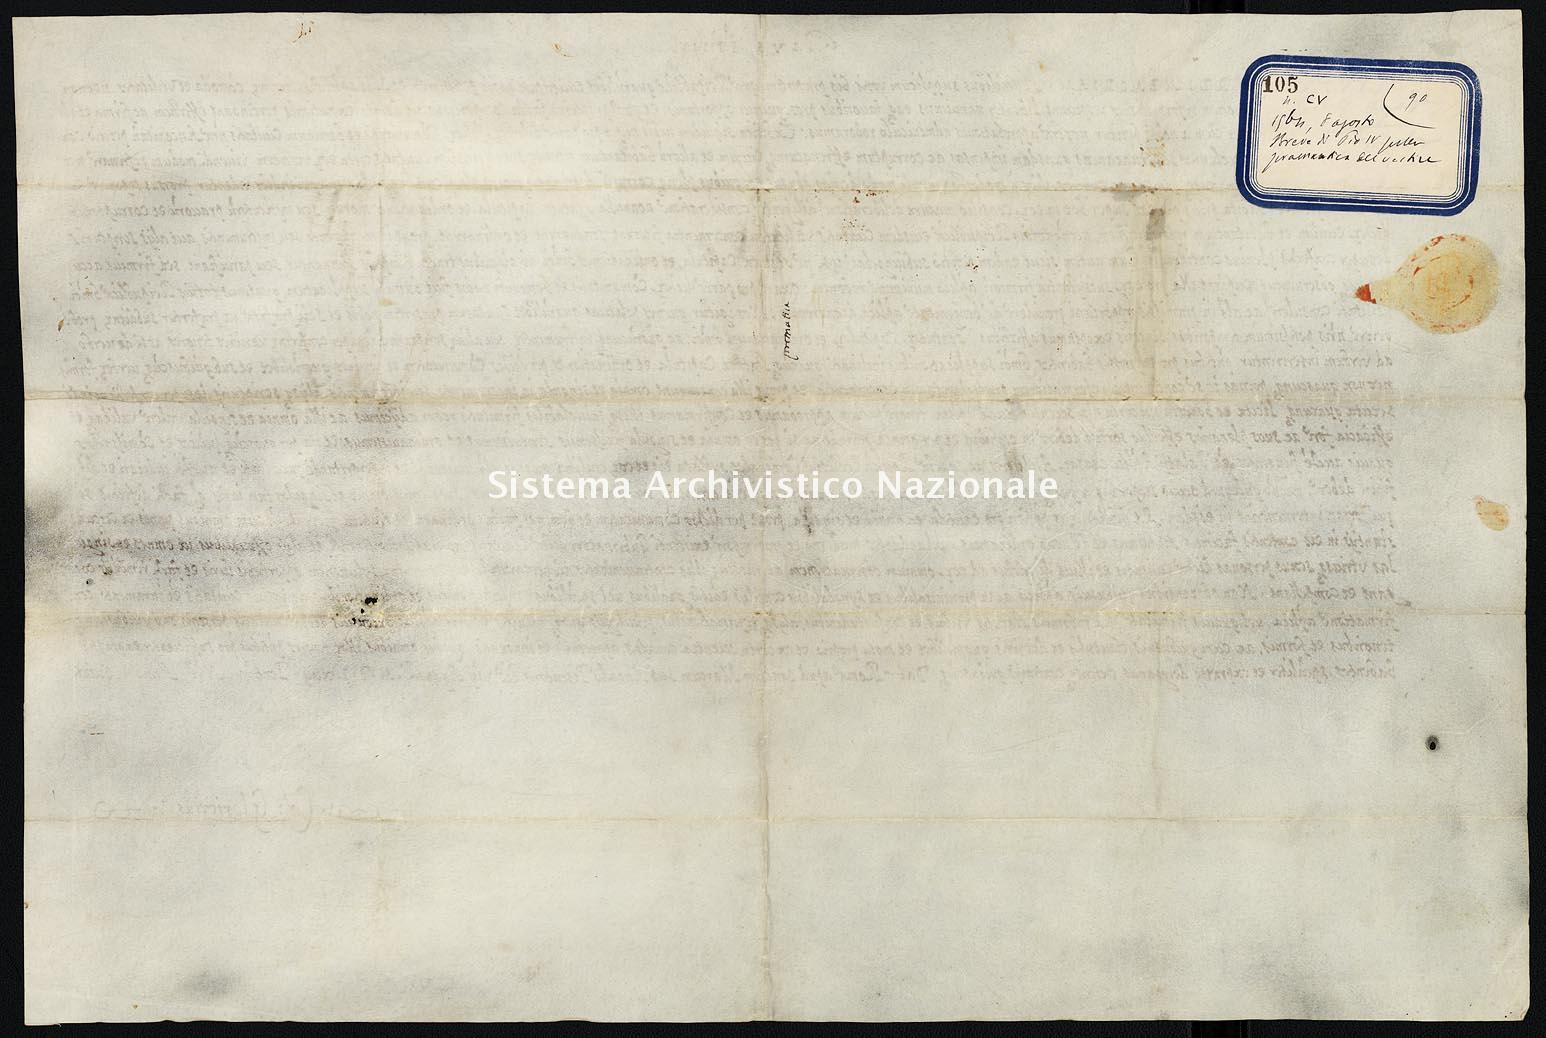 Archivio di Stato di Ancona, Comune di Ancona, Comune di Ancona (antico regime), Pergamene, Pergamena n. 105